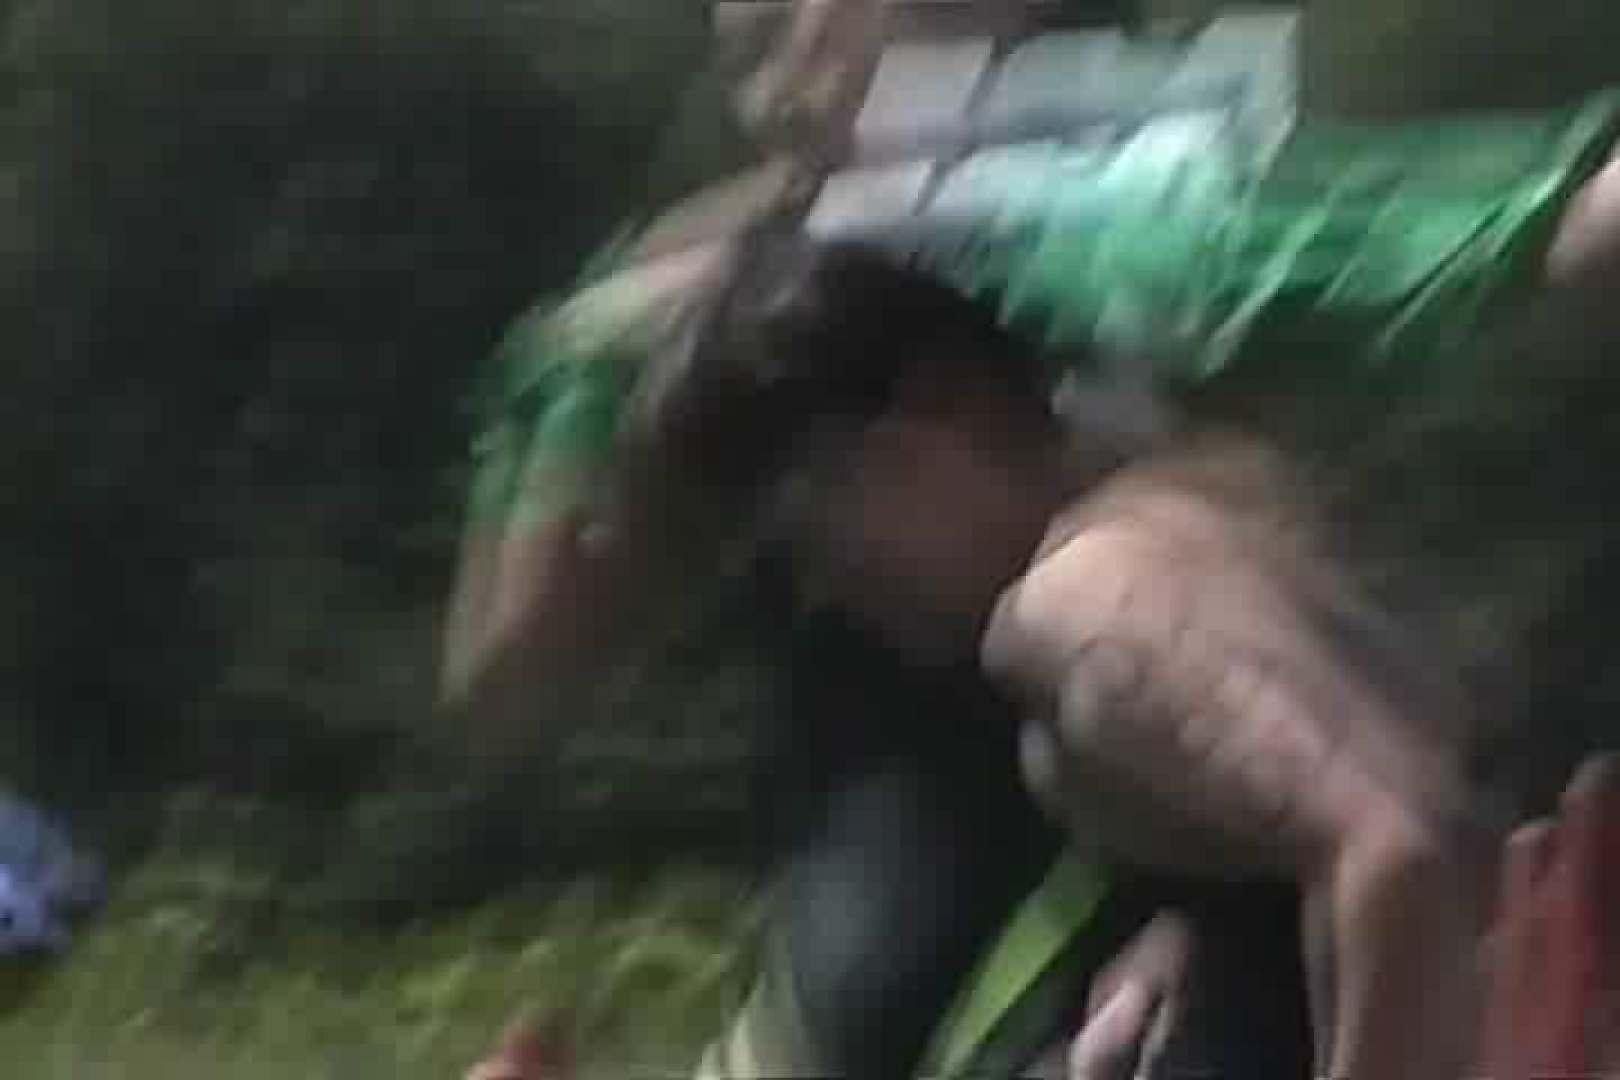 鉄人レース!!トライアスロンに挑む女性達!!Vol.6 OLエロ画像   0  25PICs 7